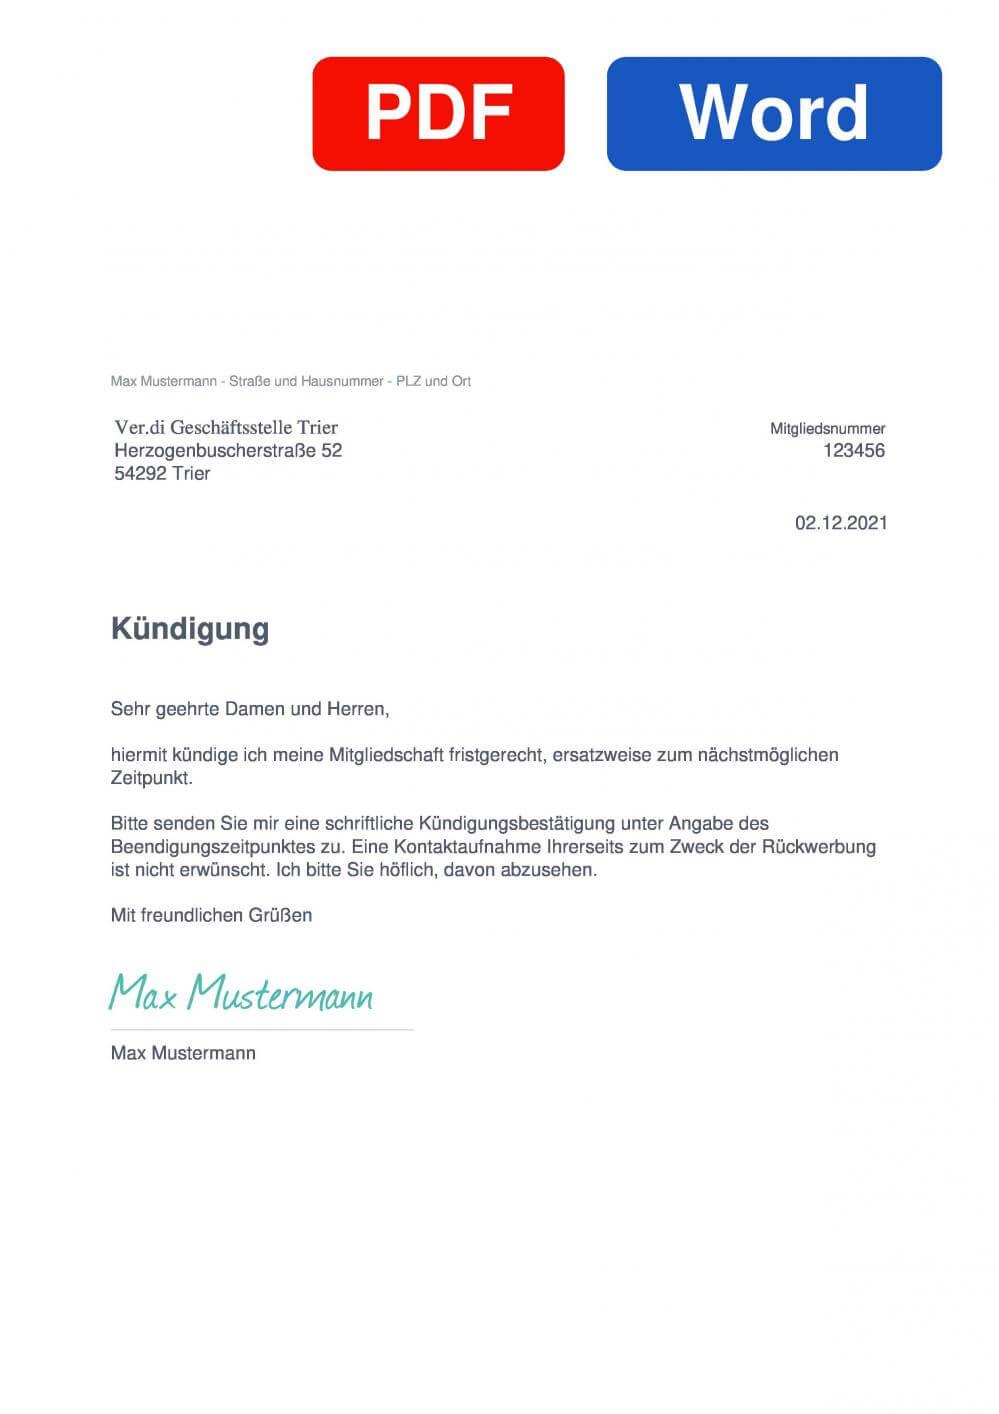 Verdi Trier Muster Vorlage für Kündigungsschreiben